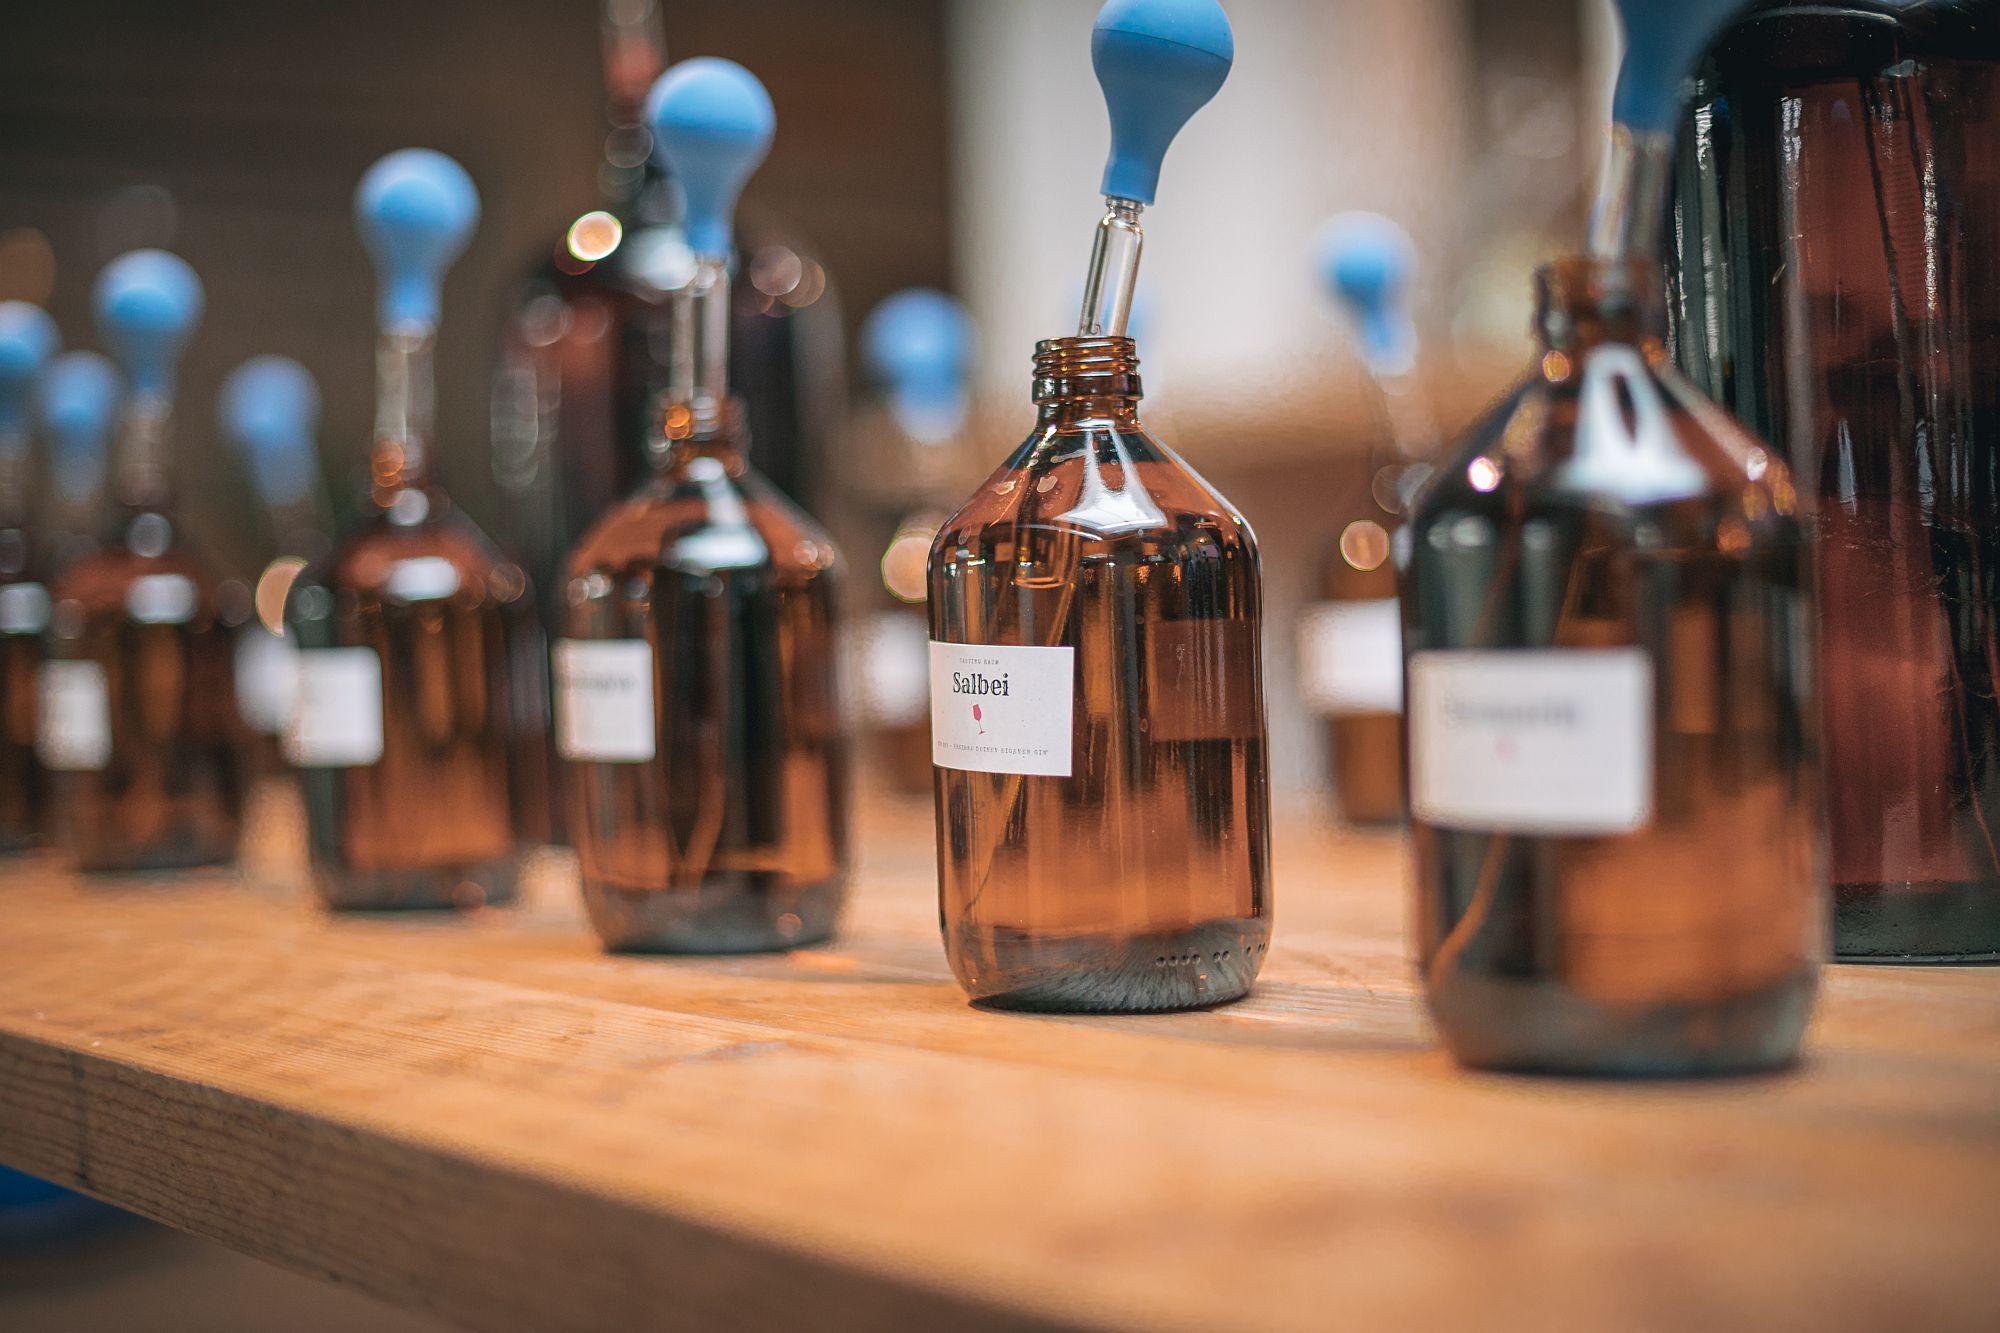 Gin Tasting - Kreiere deinen eigenen Gin (inkl. 0,5 L Flasche eigener Gin)